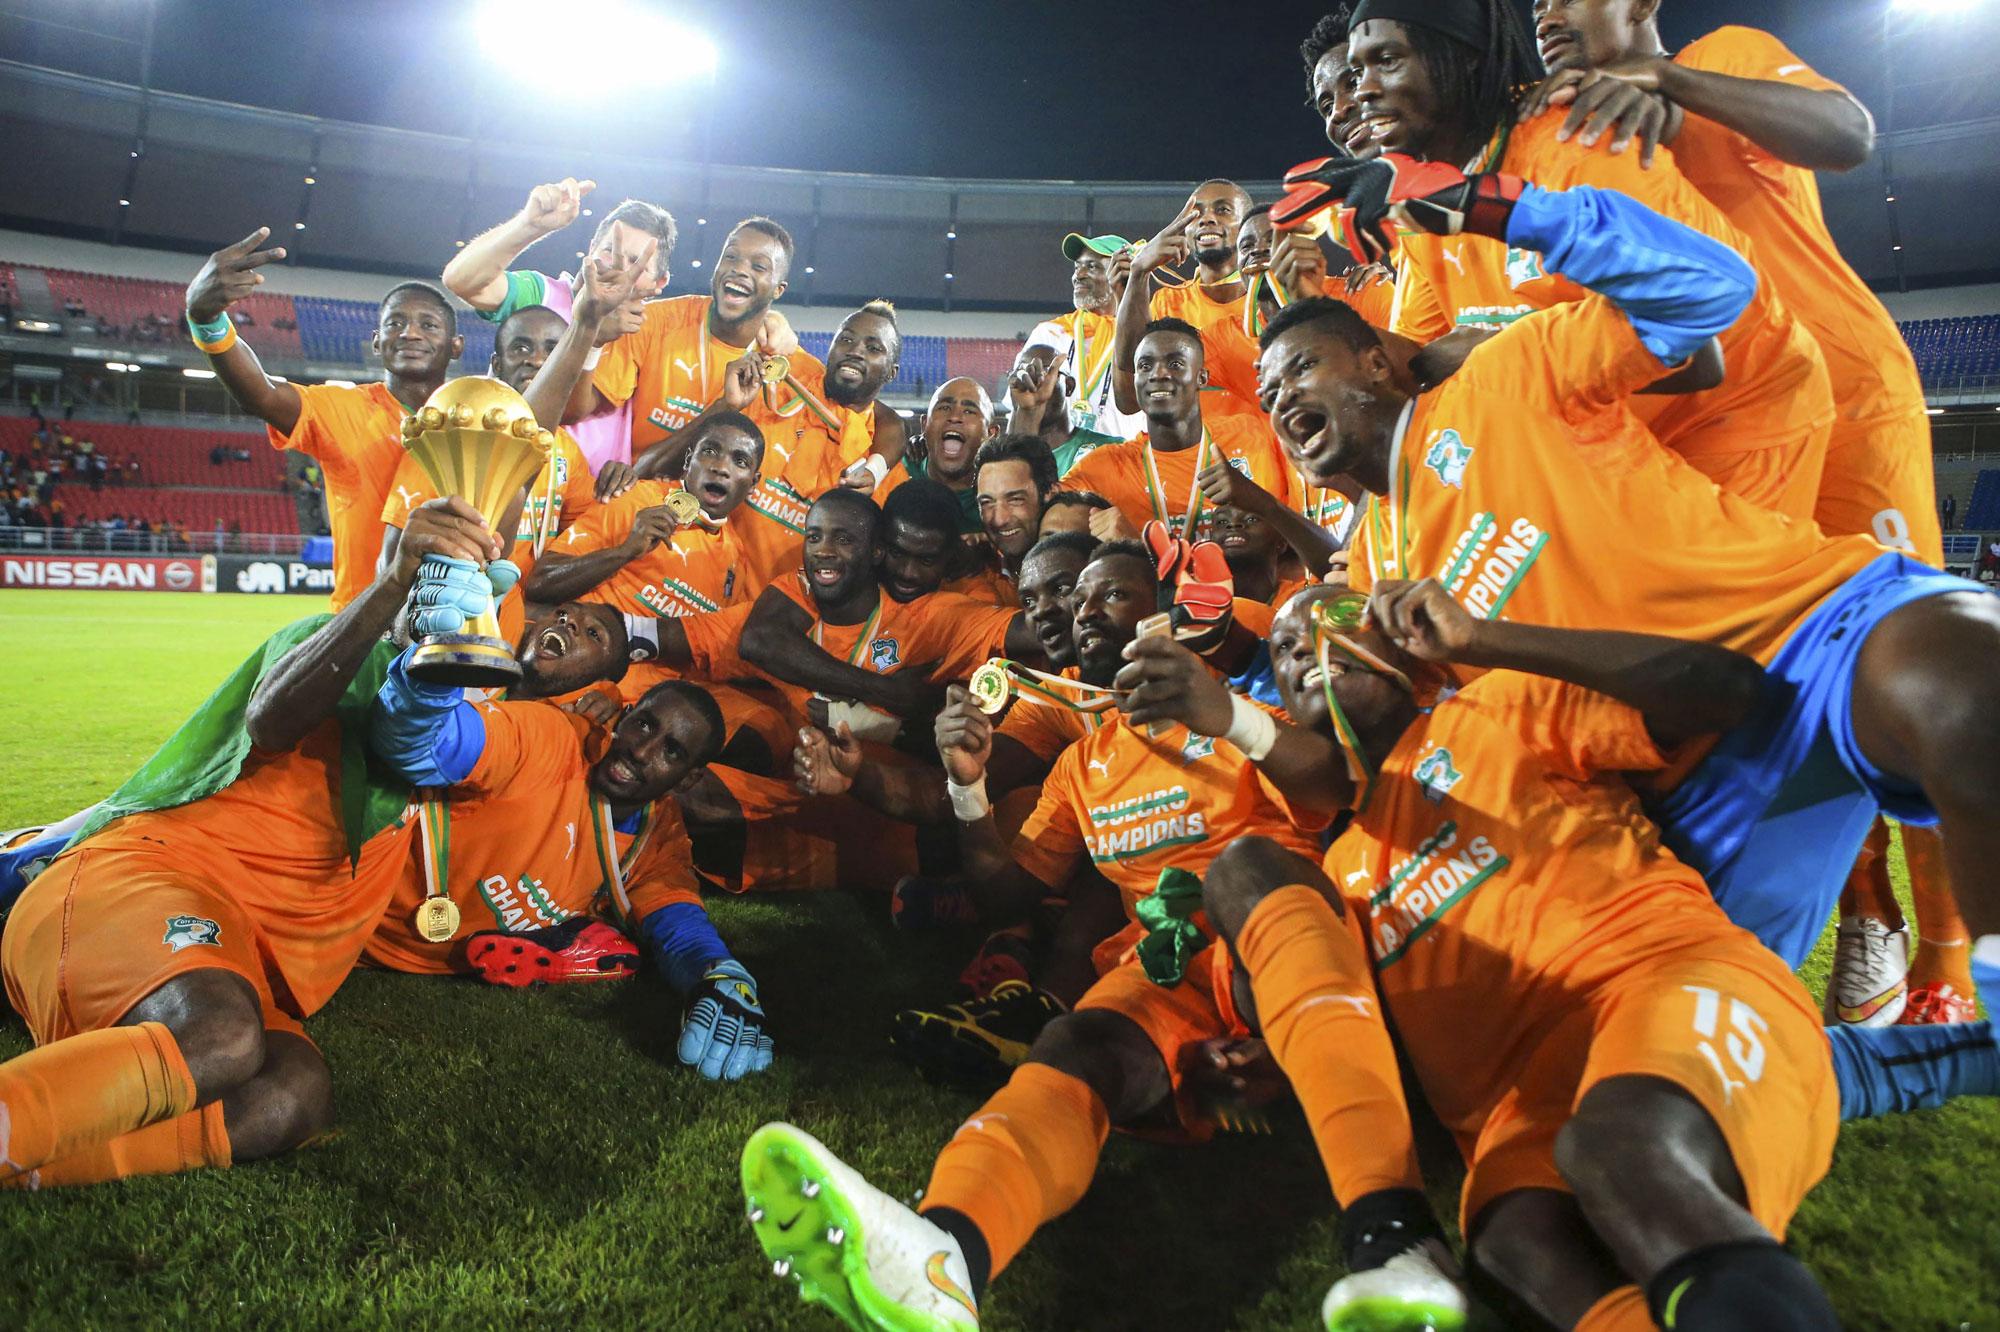 Coupe d 39 afrique des nations la c te d 39 ivoire tient sa - Prochaine coupe d afrique des nations ...